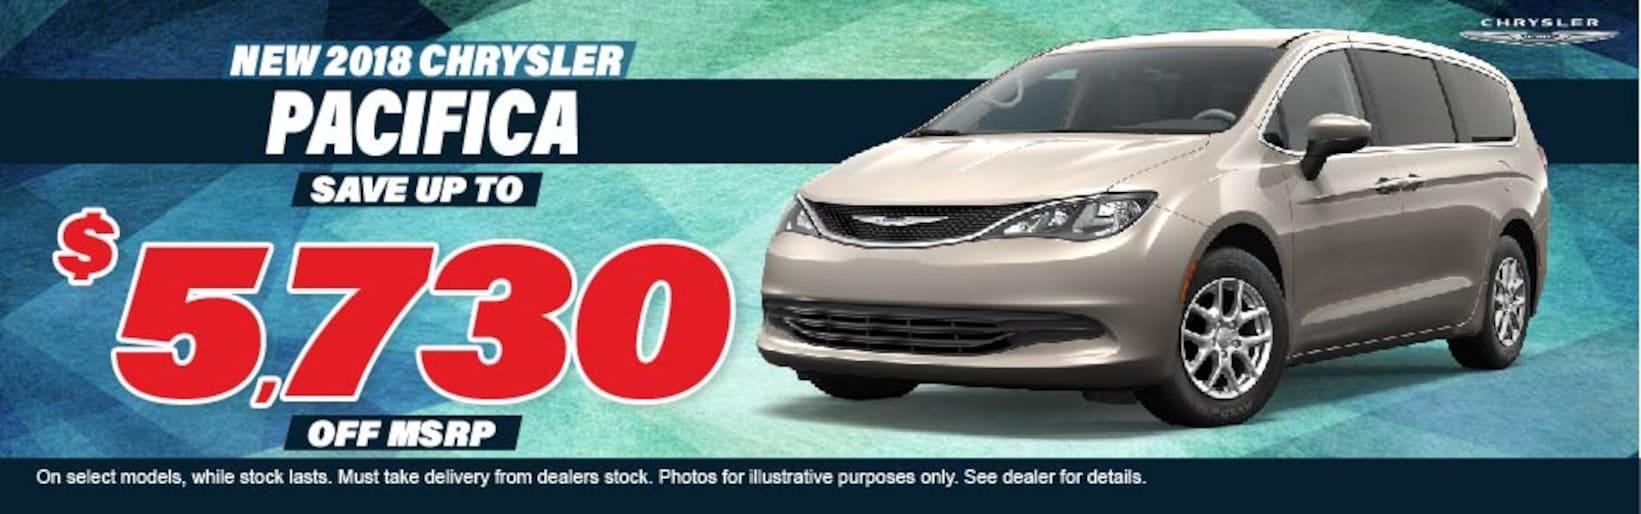 New Chrysler Dodge Jeep Ram Used Car Dealer Serving - Chrysler dealership in orlando